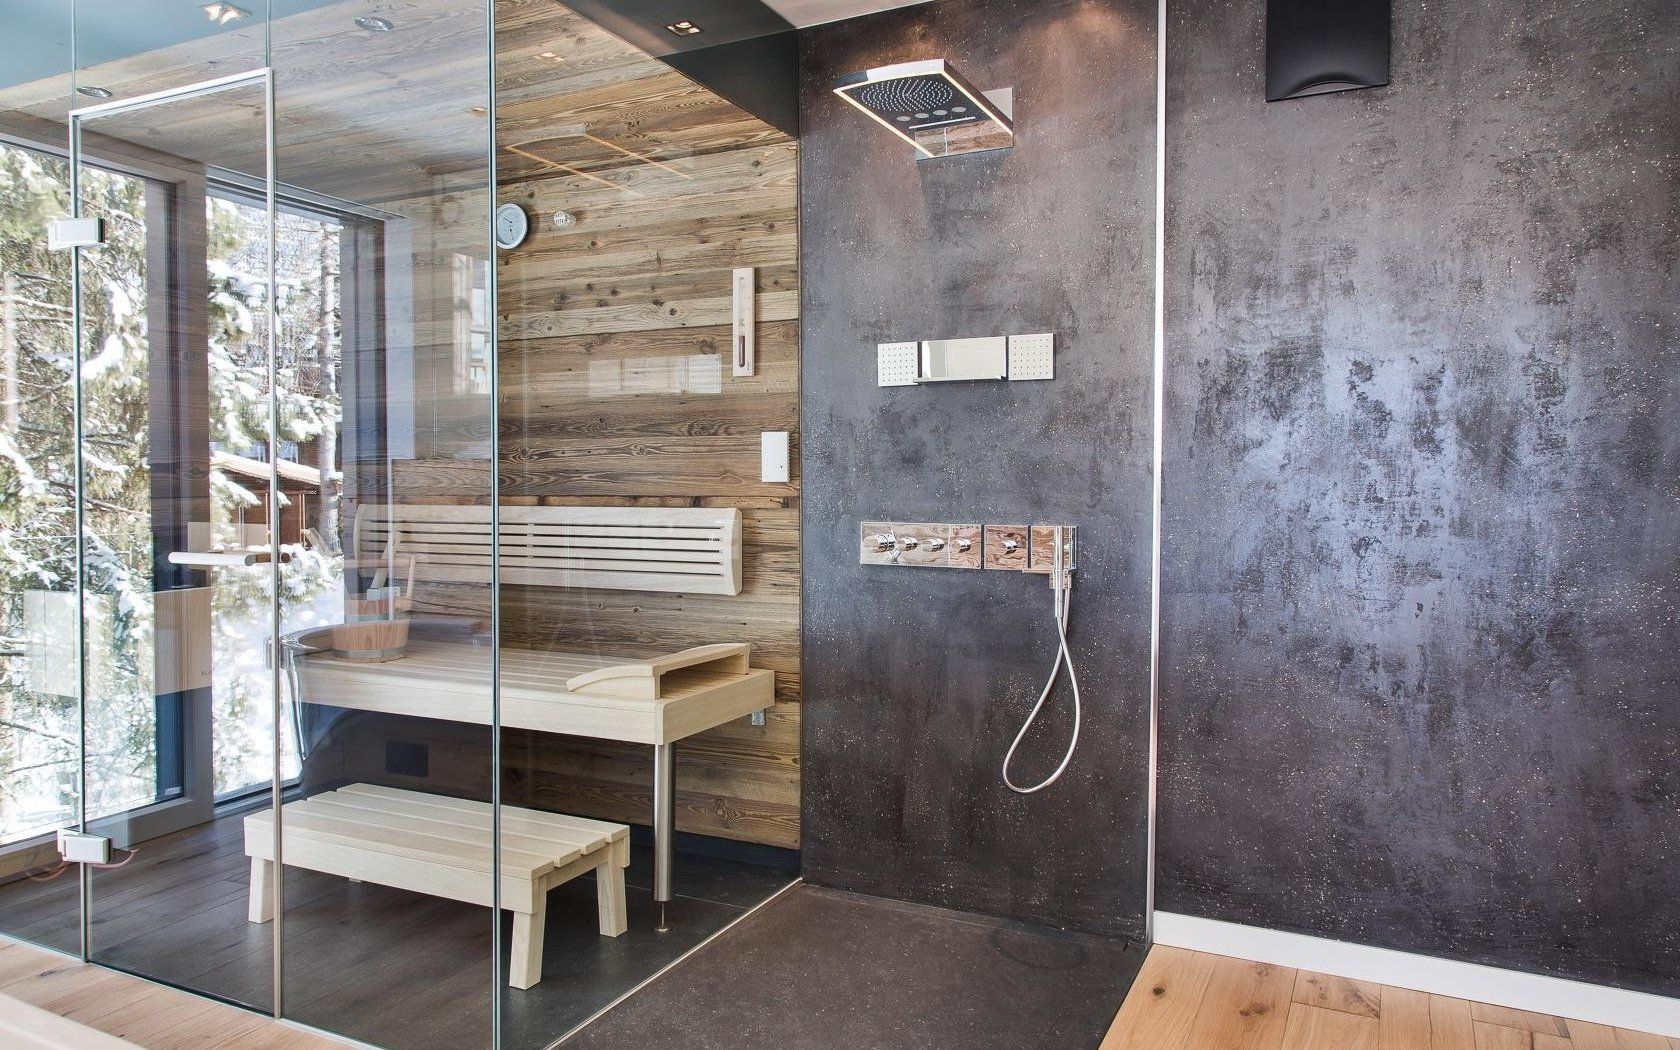 Regendusche mit integrierter Sauna | Badezimmer | Pinterest ...